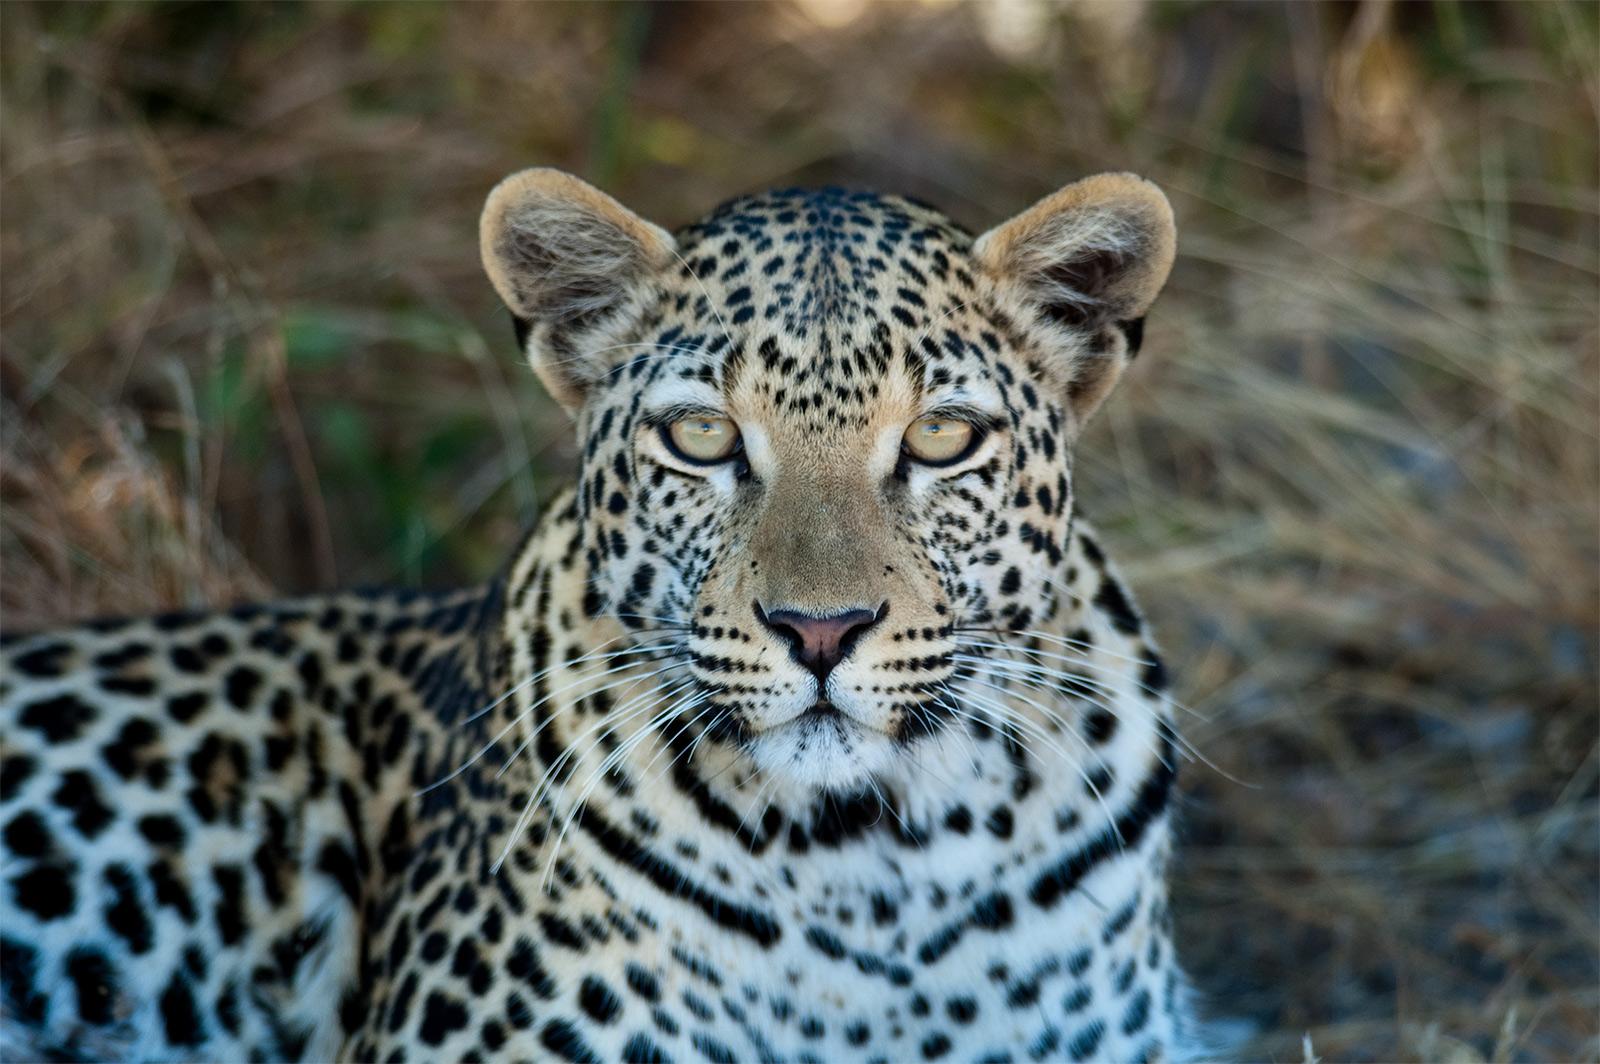 Leopard on the road to Namutoni Gate. Etosha, Namibia 2004.